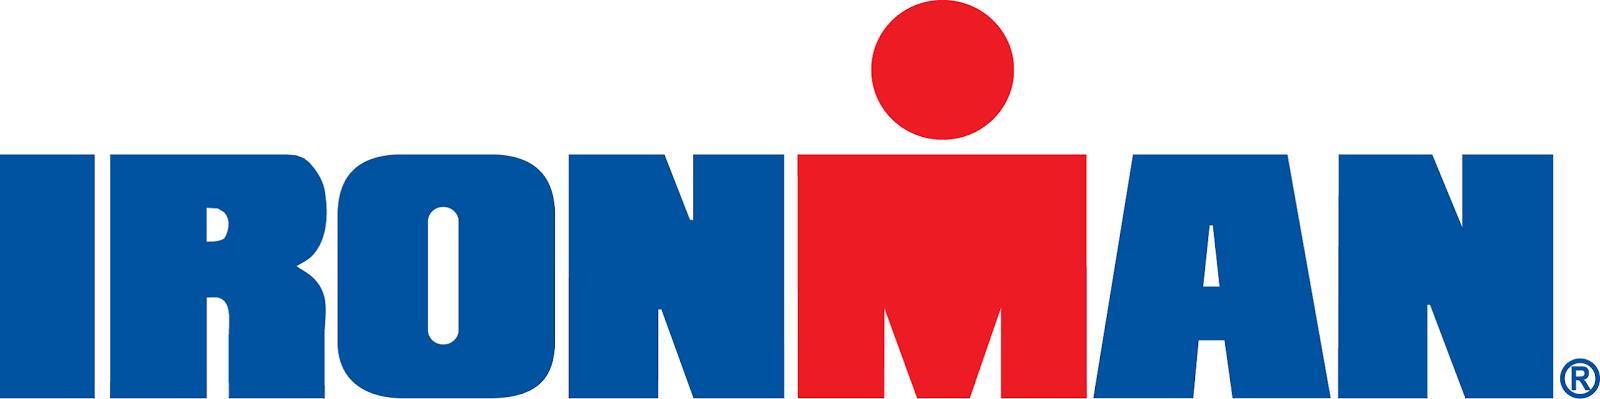 logo ironman logotipo prueba triatlon